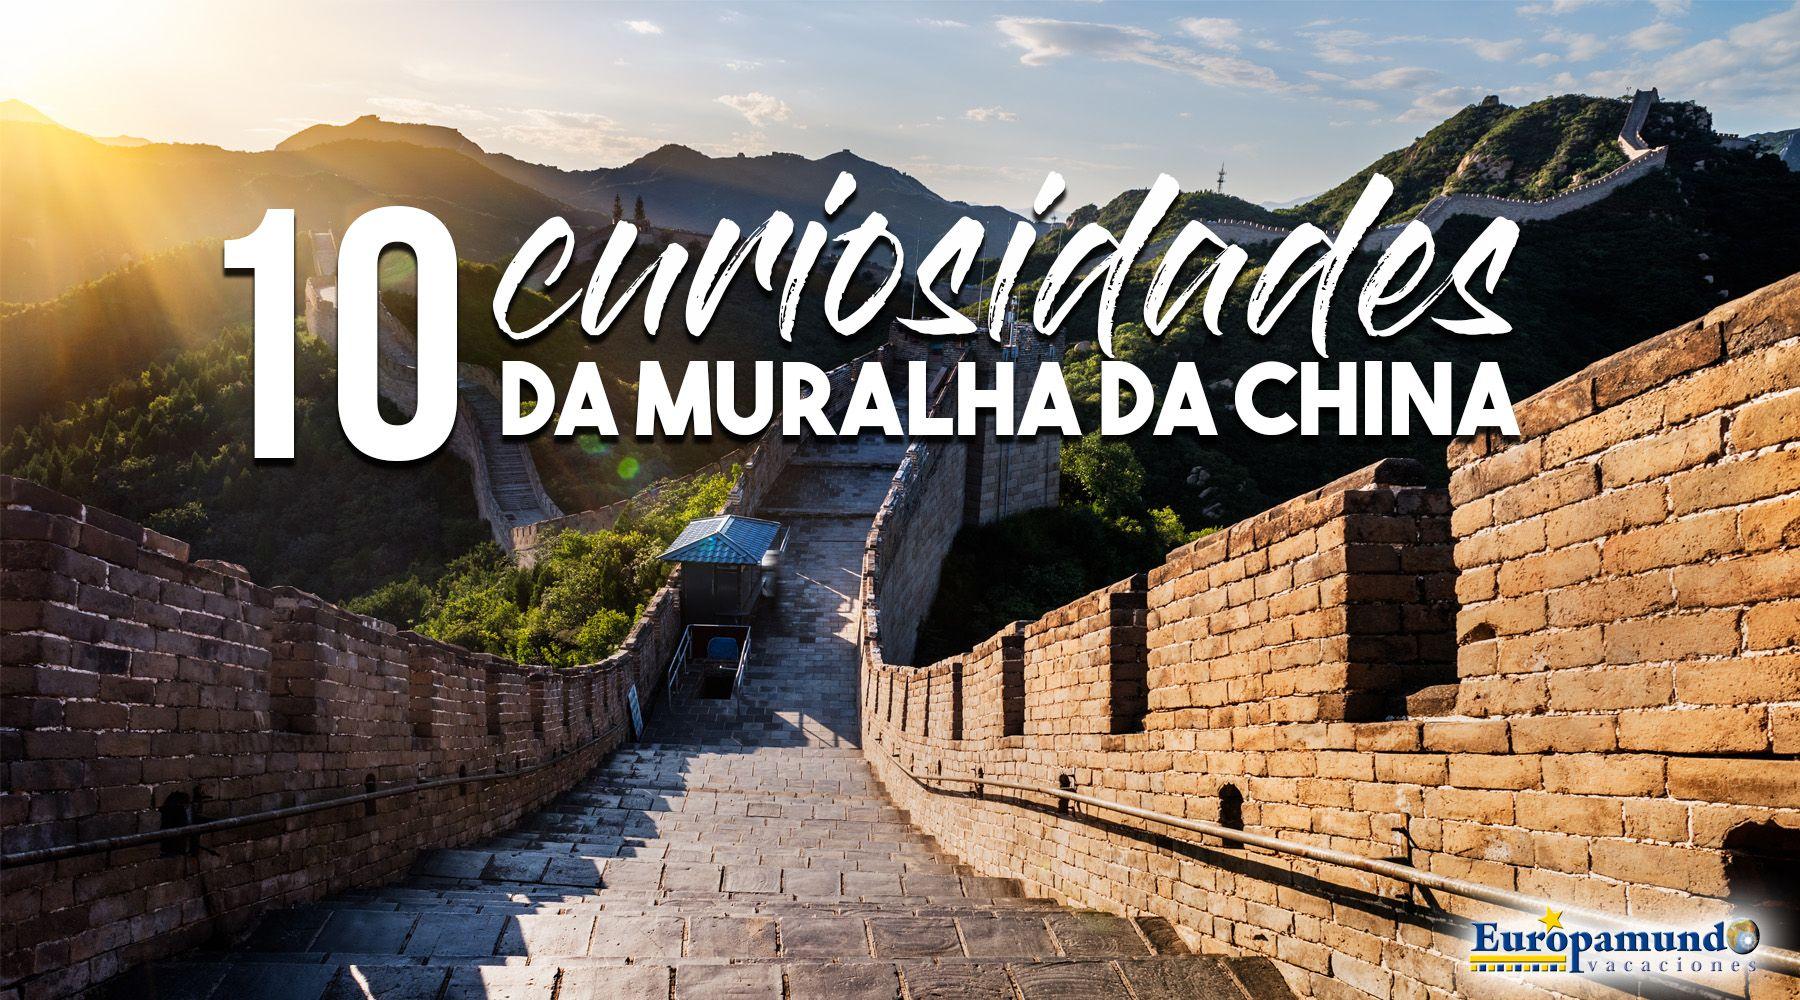 10 curiosidades sobre a Grande Muralha da China